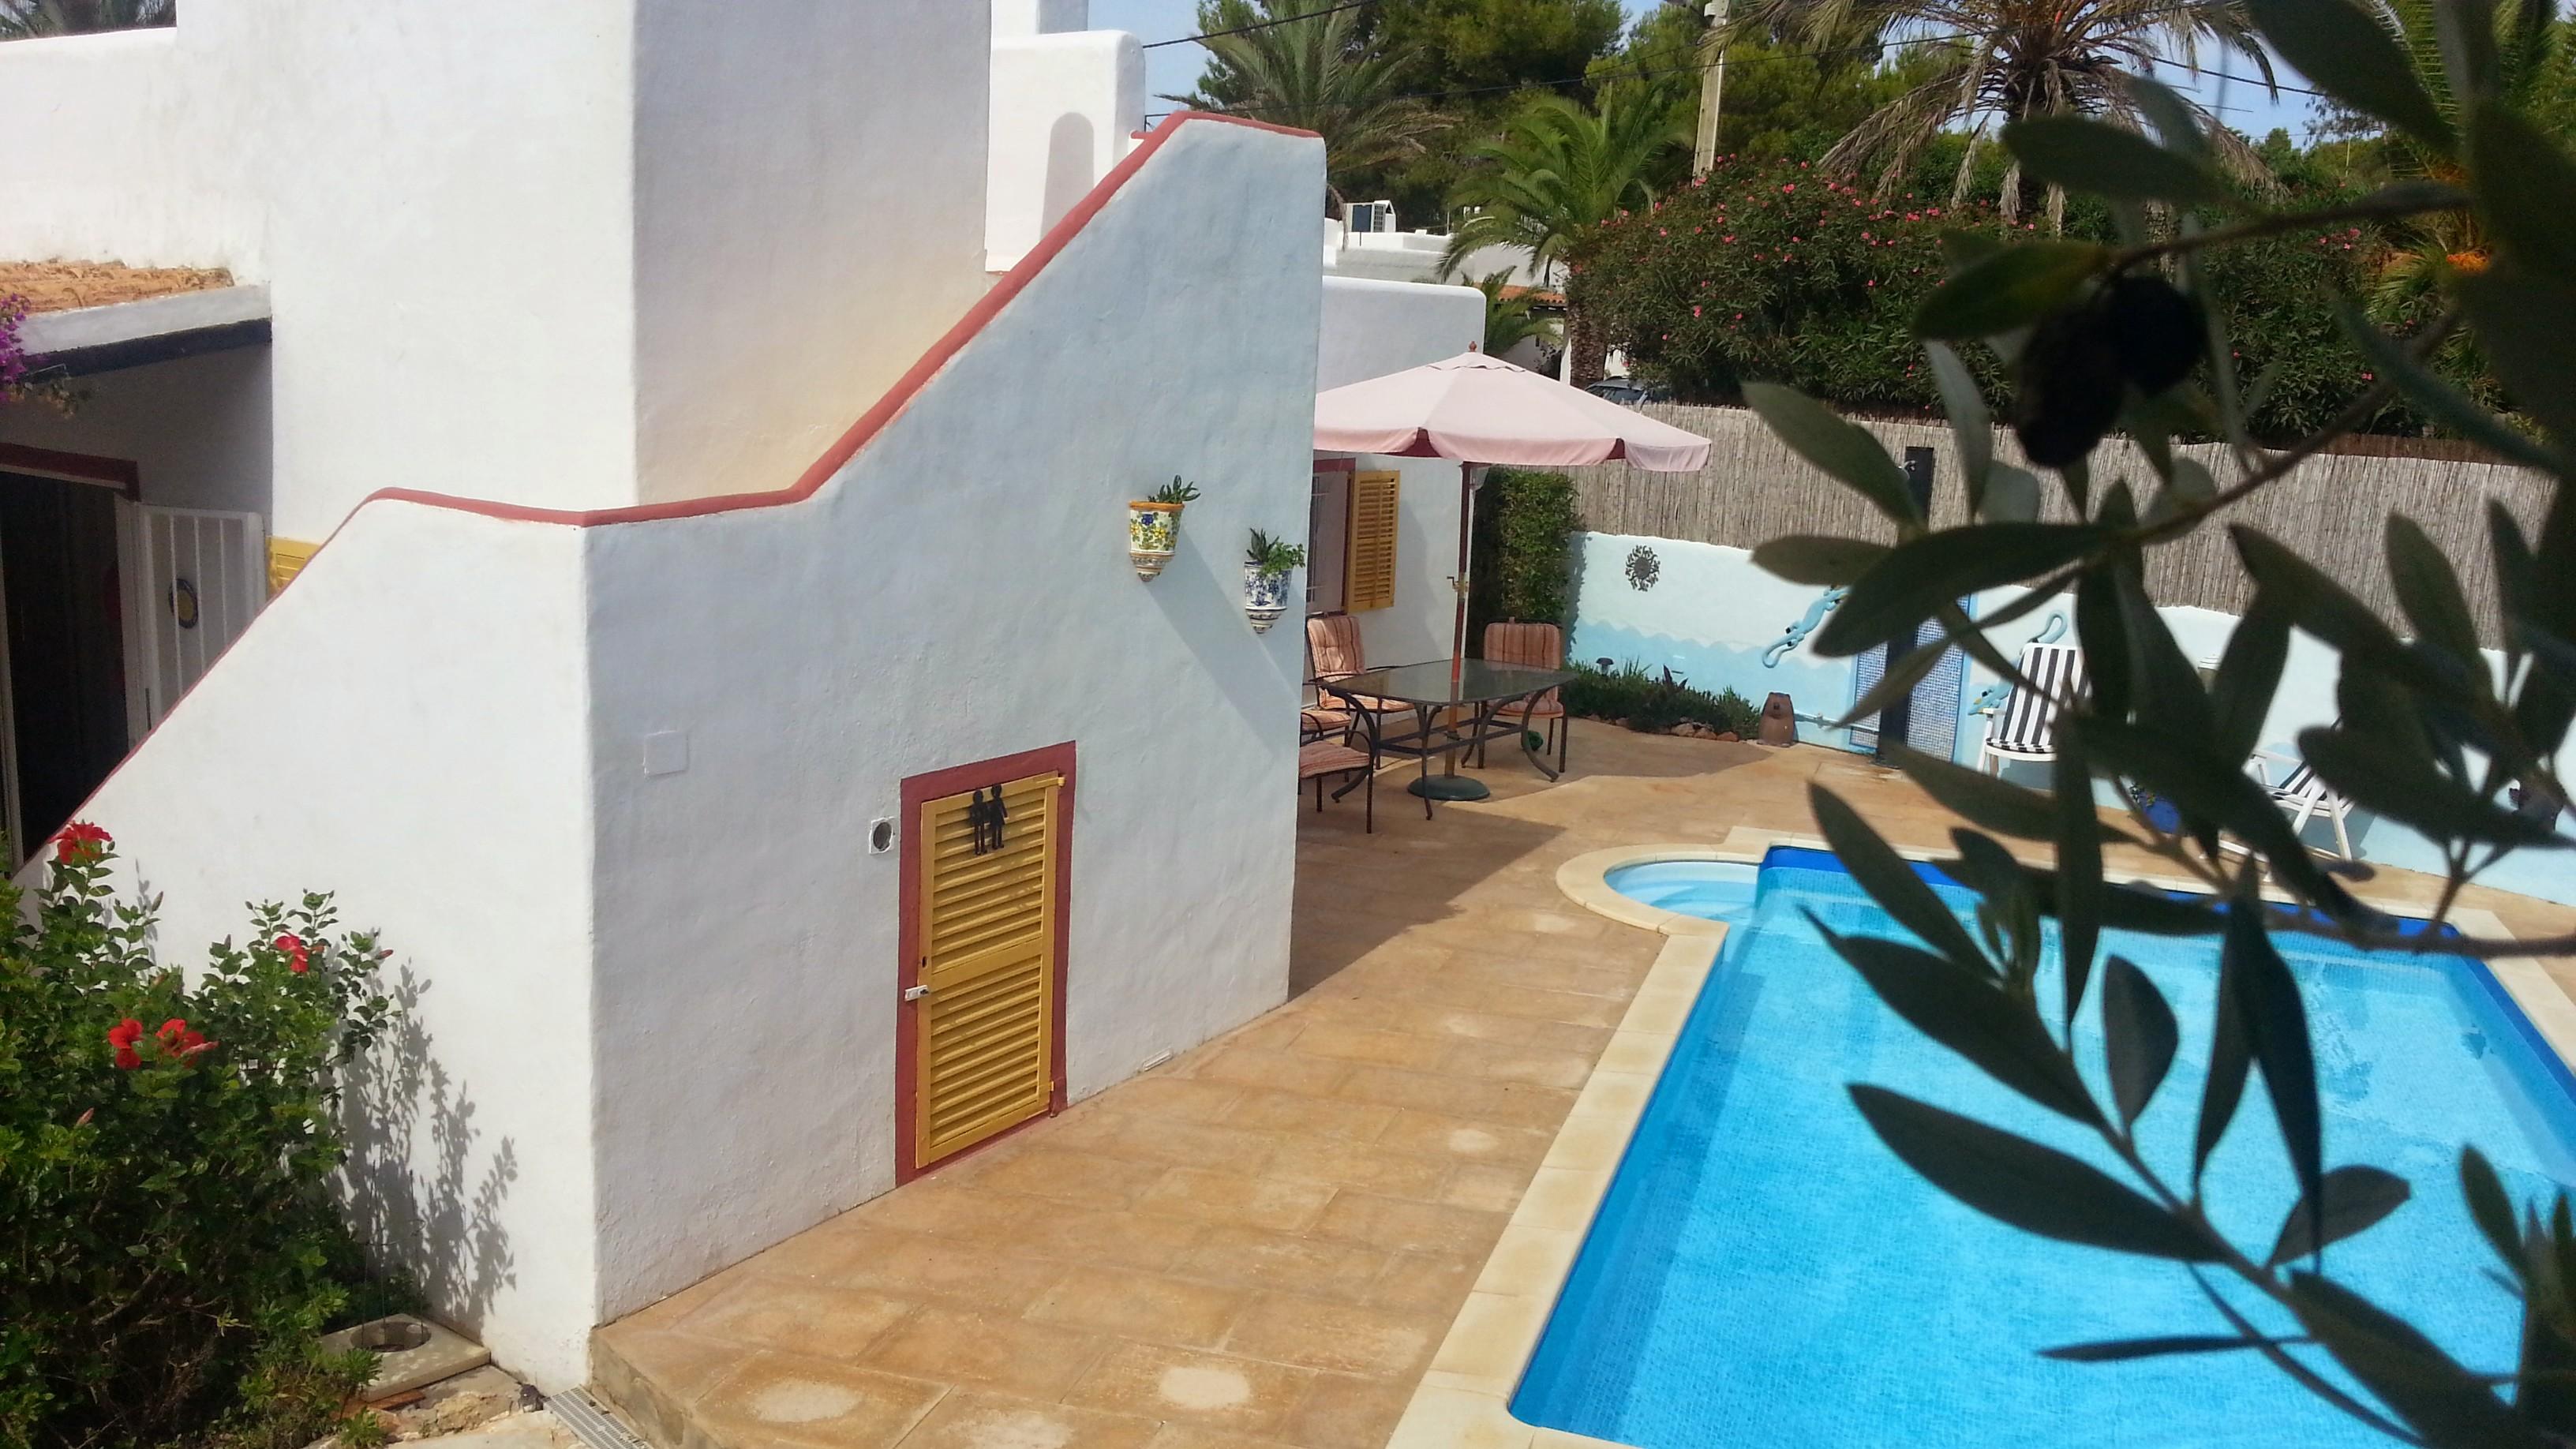 Alquiler de apartamentos turisticos en ibiza - Alquiler apartamentos turisticos ...